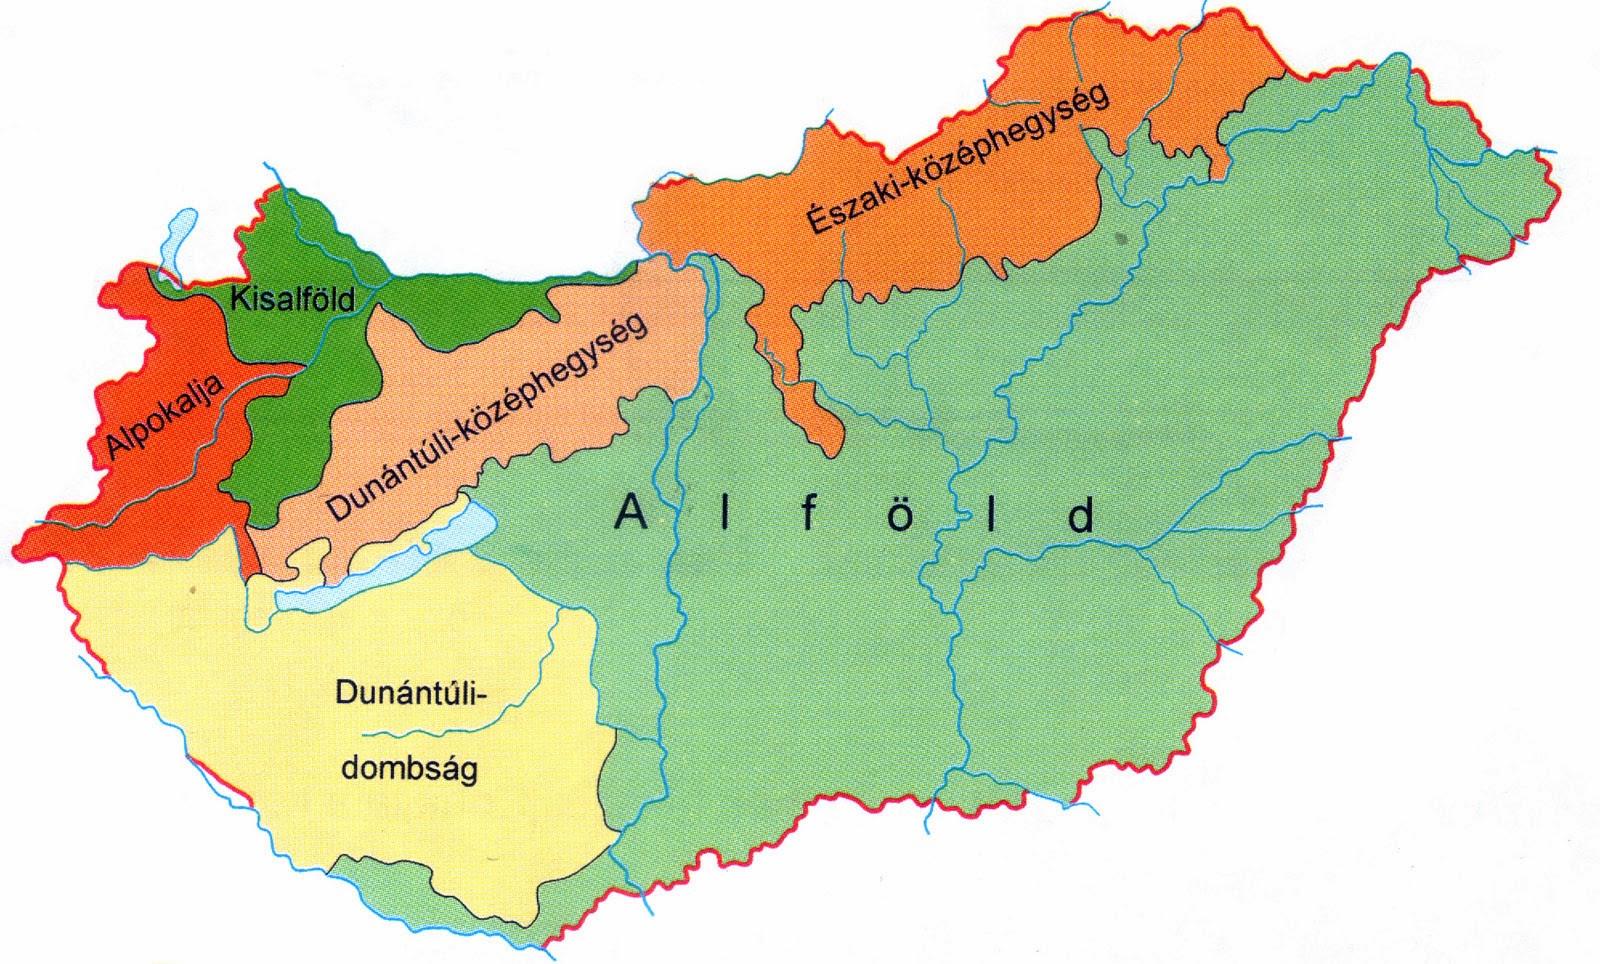 magyarország nagytájai térkép Bergamott: Magyarország nagytájai magyarország nagytájai térkép